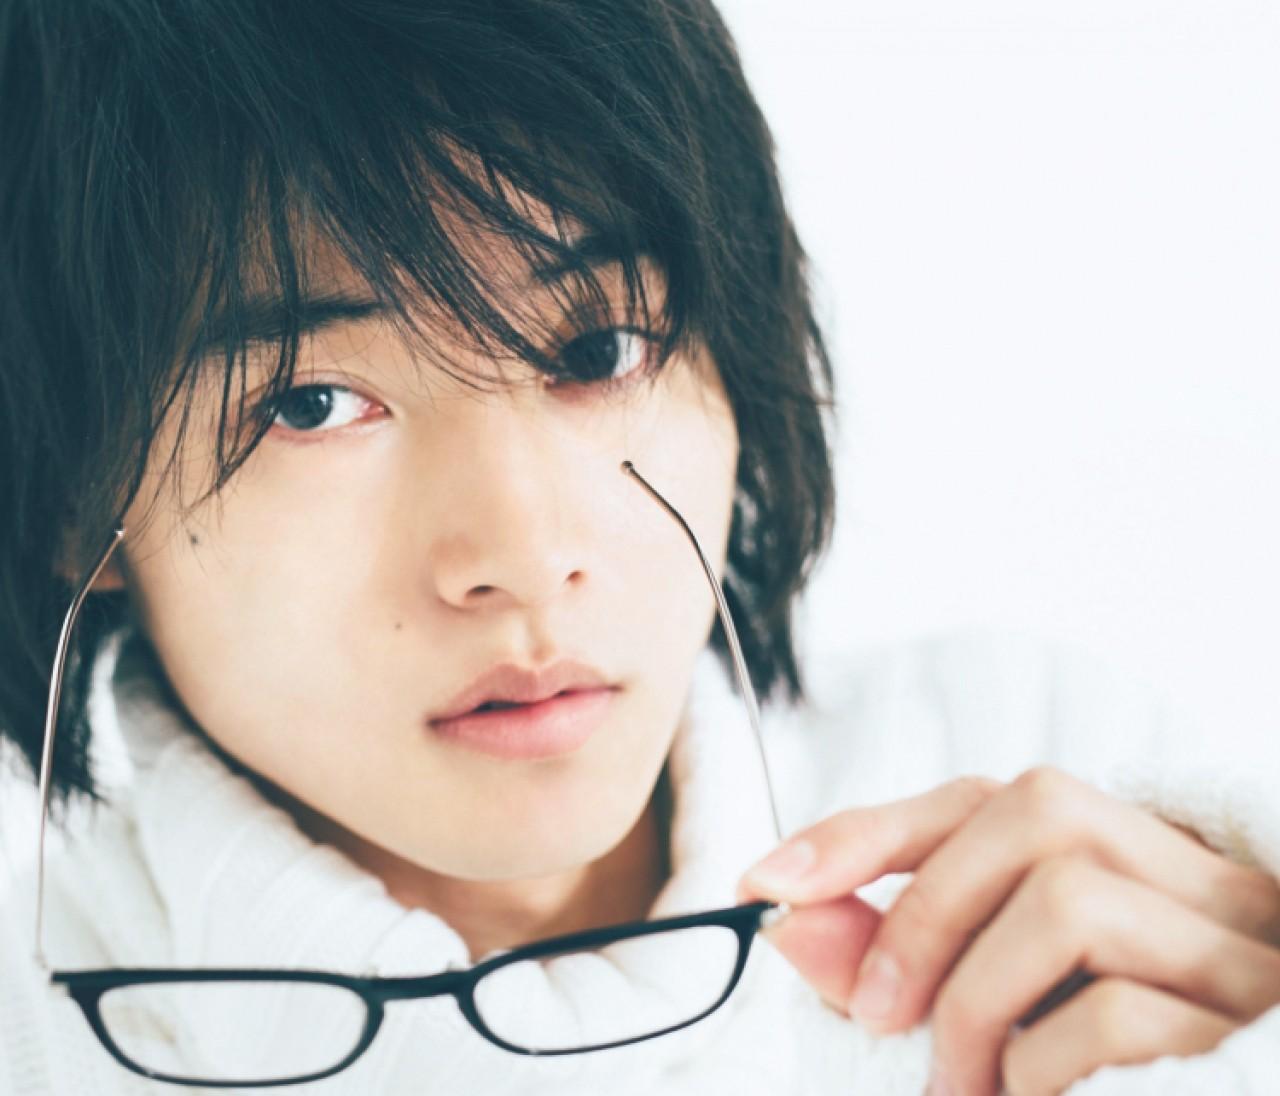 【俳優・山﨑賢人インタビュー】熱くて、冷静で、シリアスで、コミカル。変幻自在な魅力のヒミツ